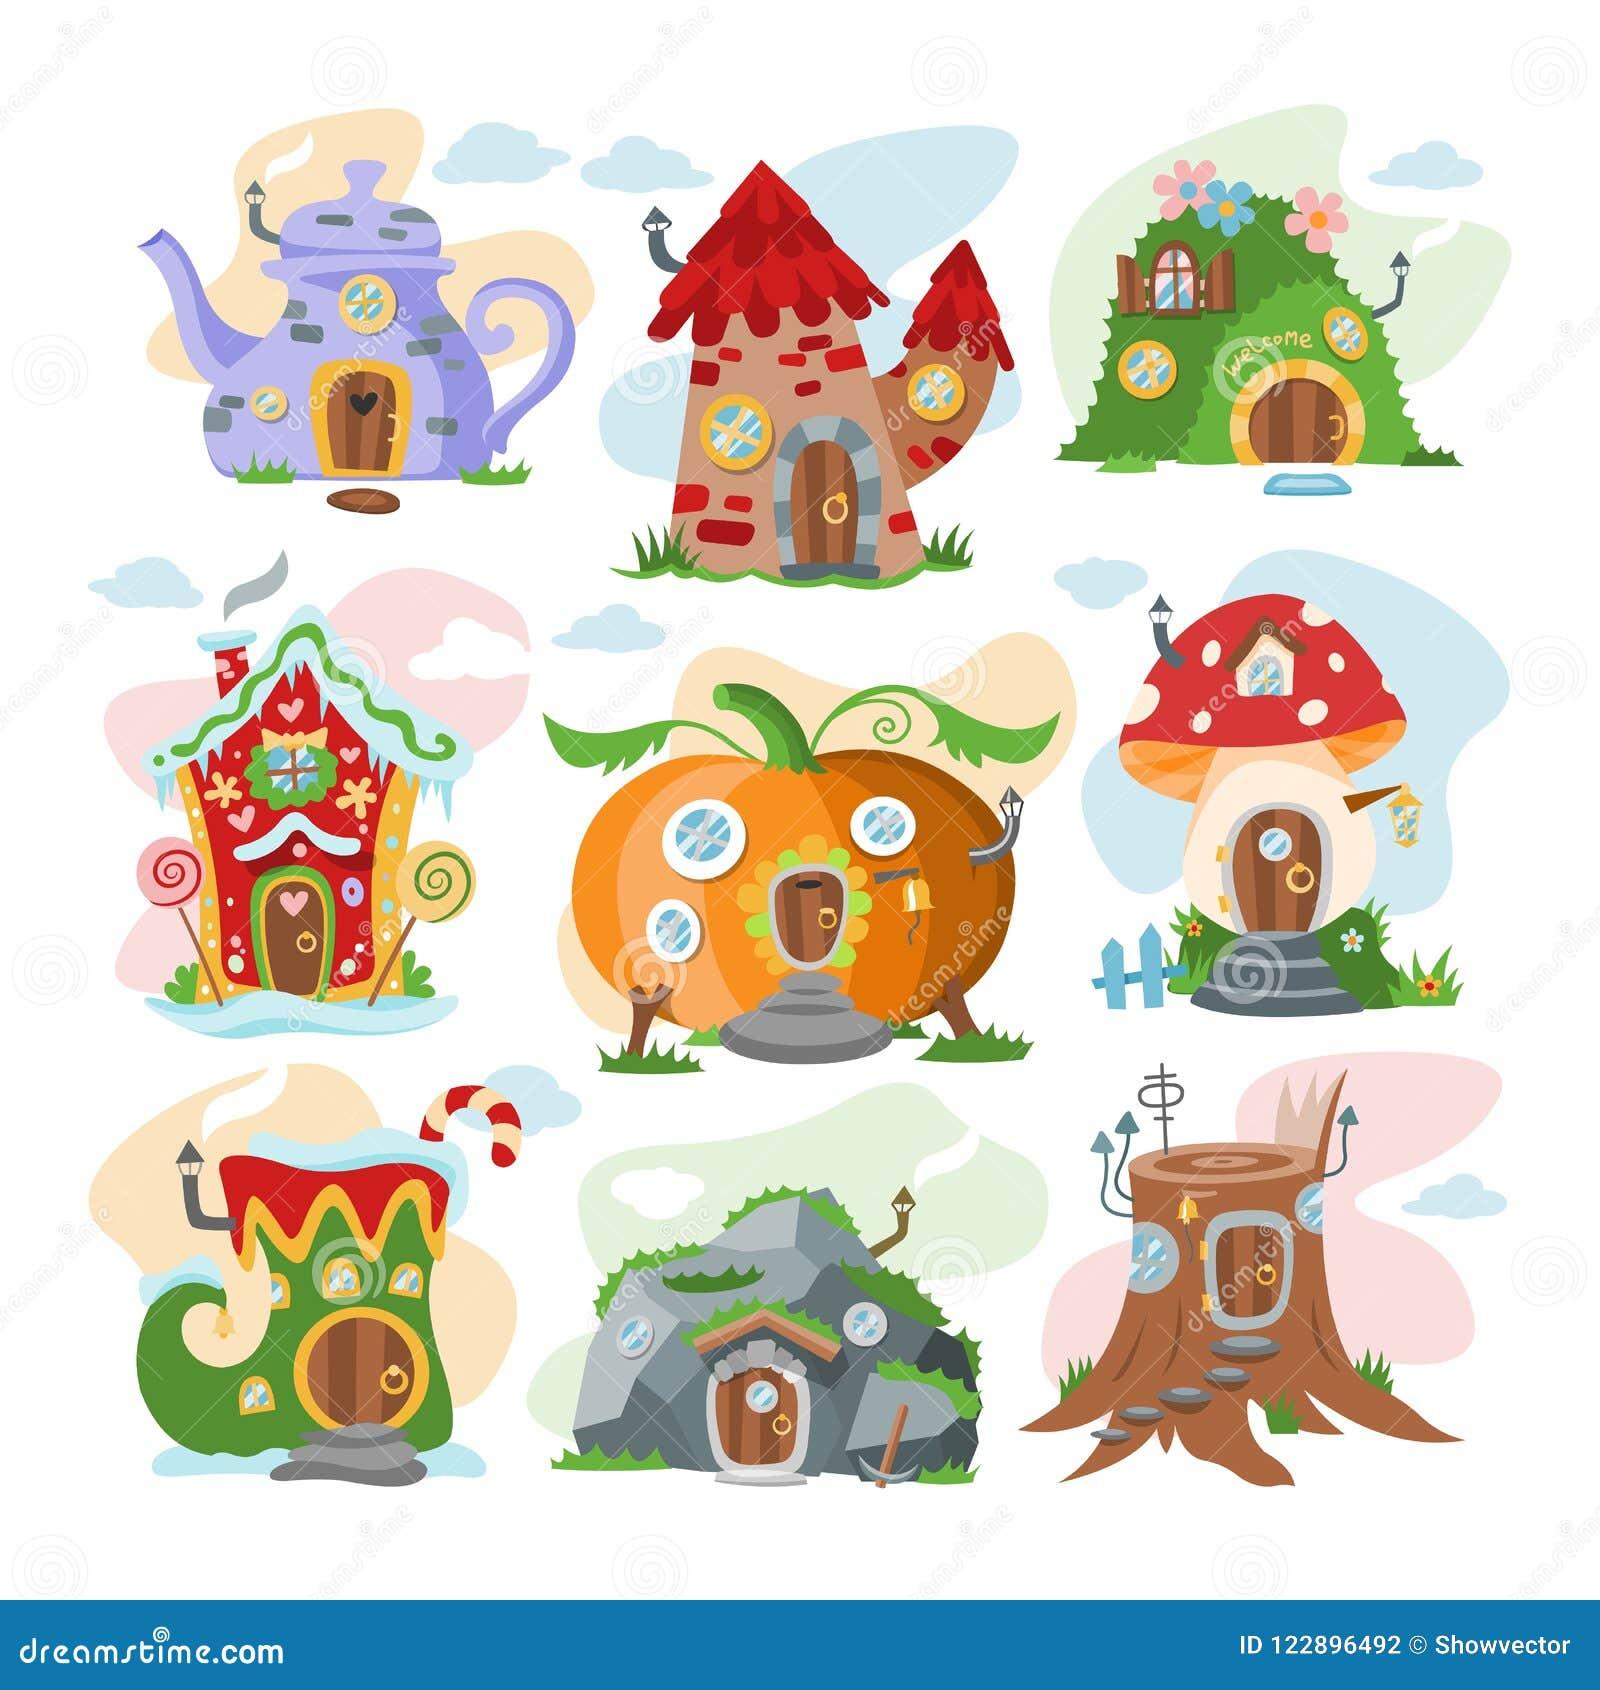 幻想房子传染媒介动画片神仙的树上小屋和魔术住房村庄例证套孩子童话南瓜或